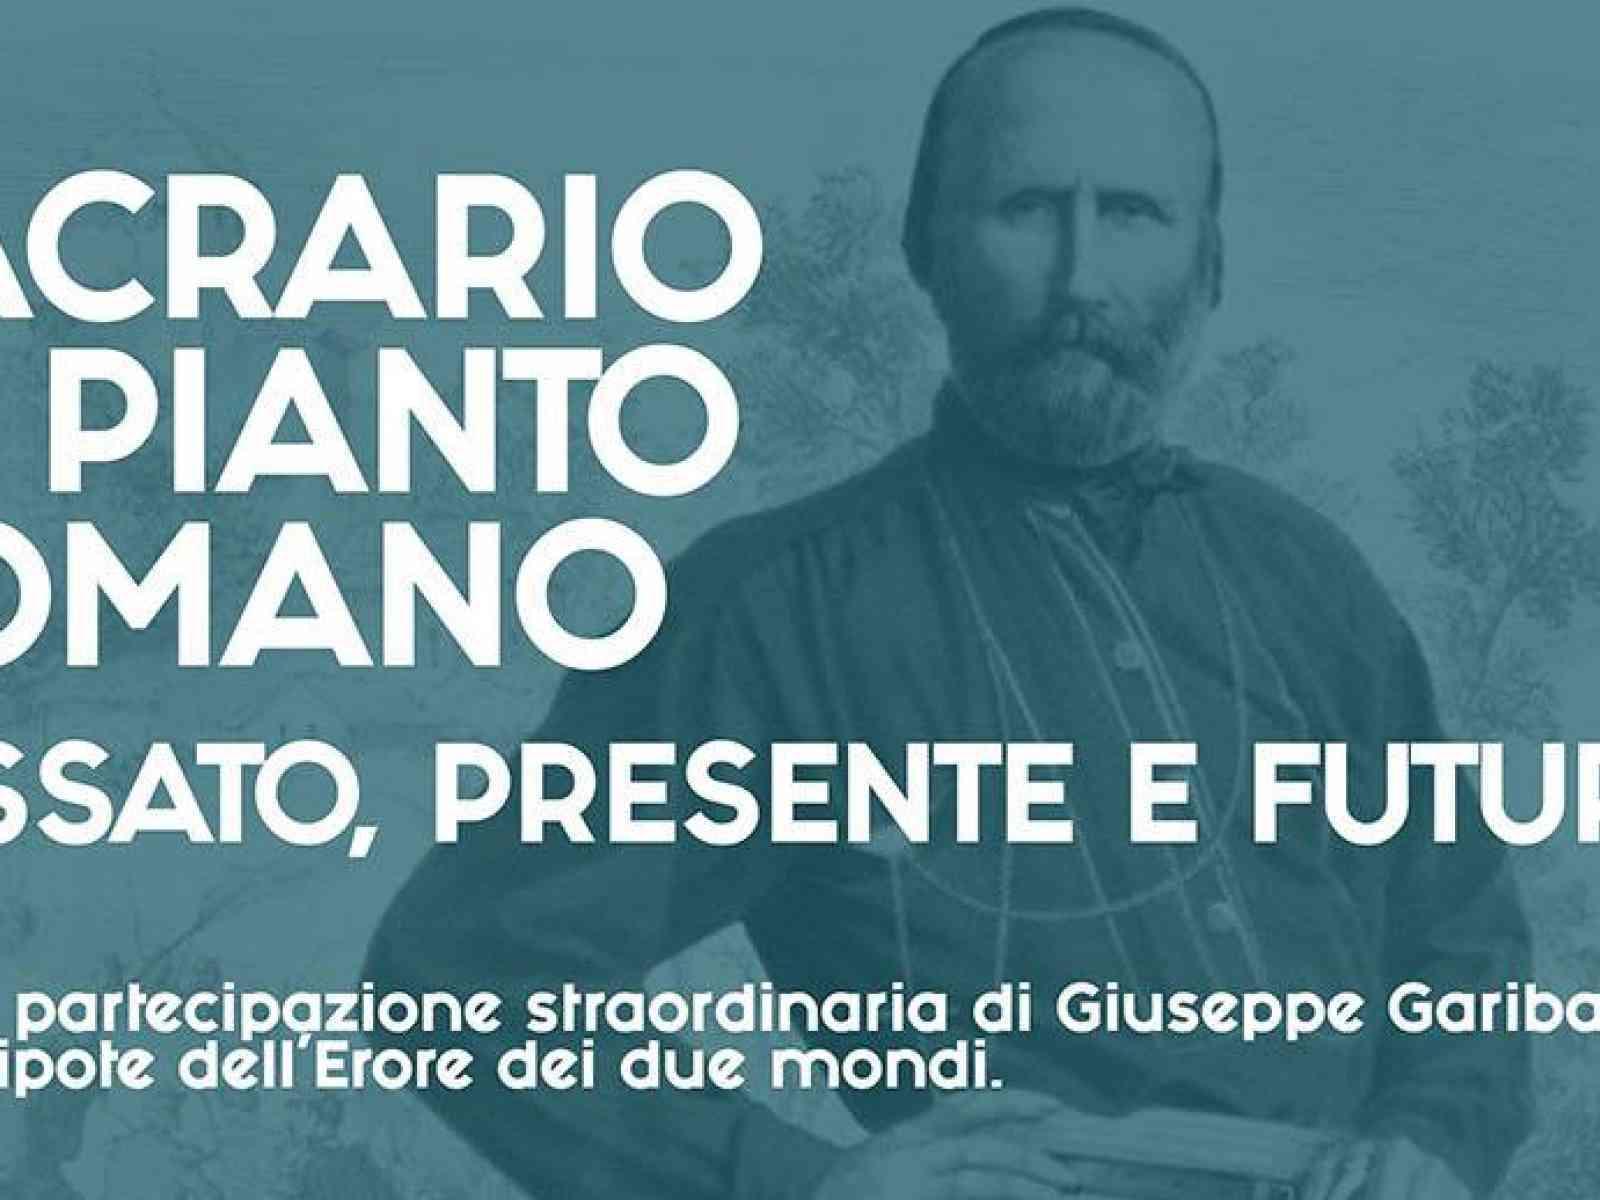 """Immagine articolo: Calatafimi, Passato, presente e futuro. Nuova inaugurazione del """"Pianto Romano"""" con la straordinaria presenza di Giuseppe Garibaldi"""